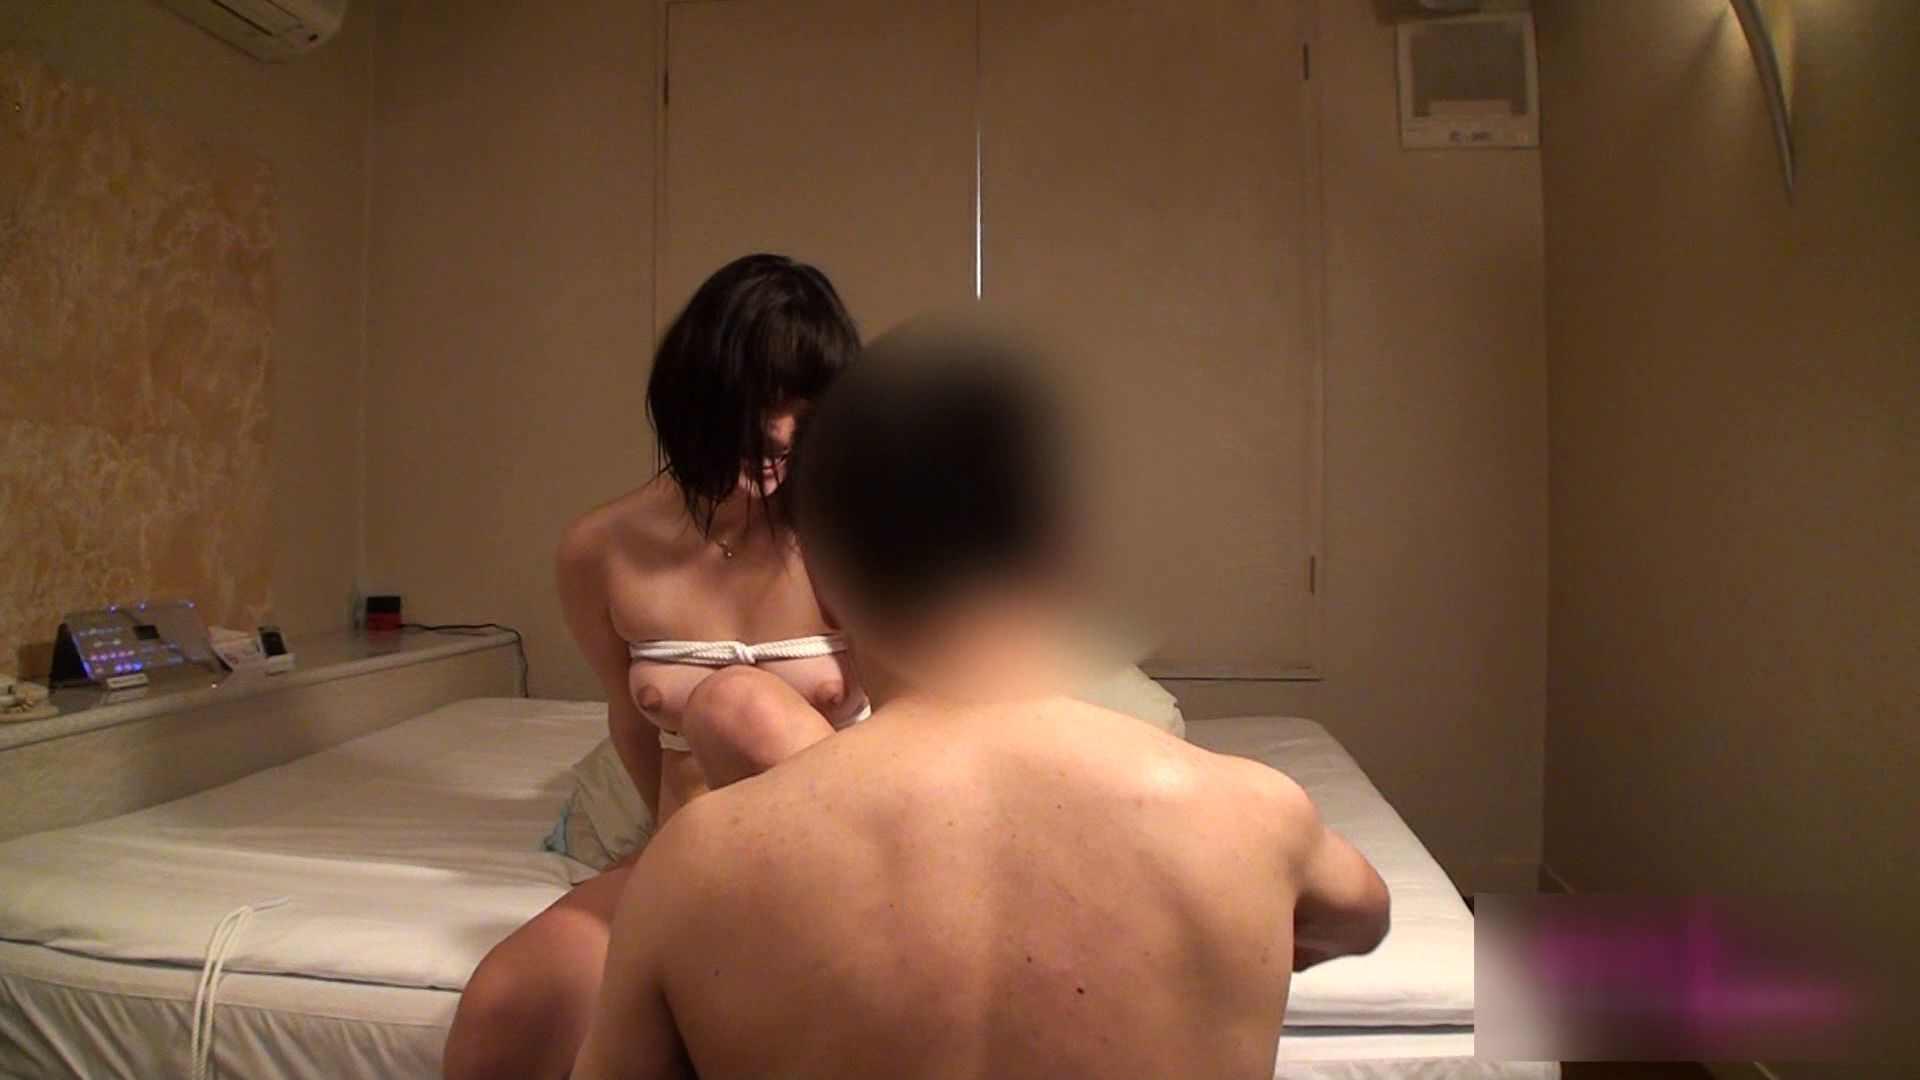 エロギャル!SEXパリピ! Vol.06 前編 SEXプレイ スケベ動画紹介 111連発 59